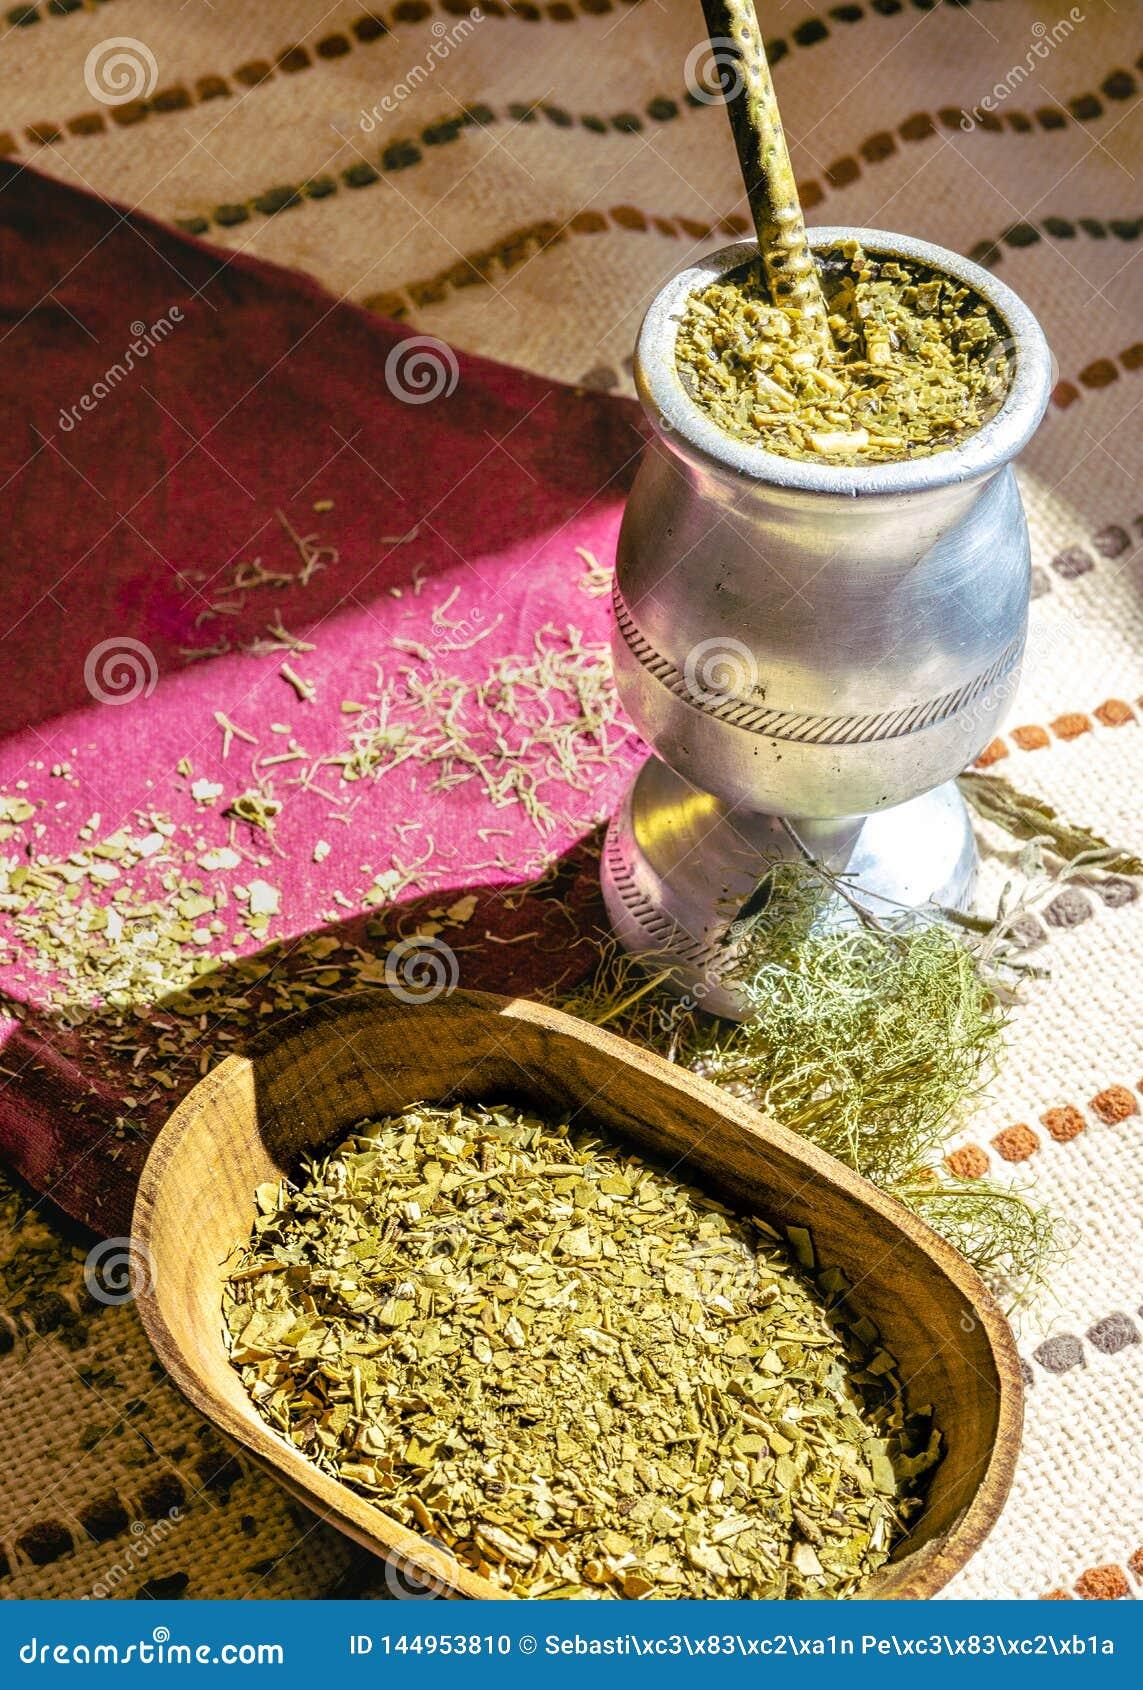 Chá do companheiro com várias ervas,